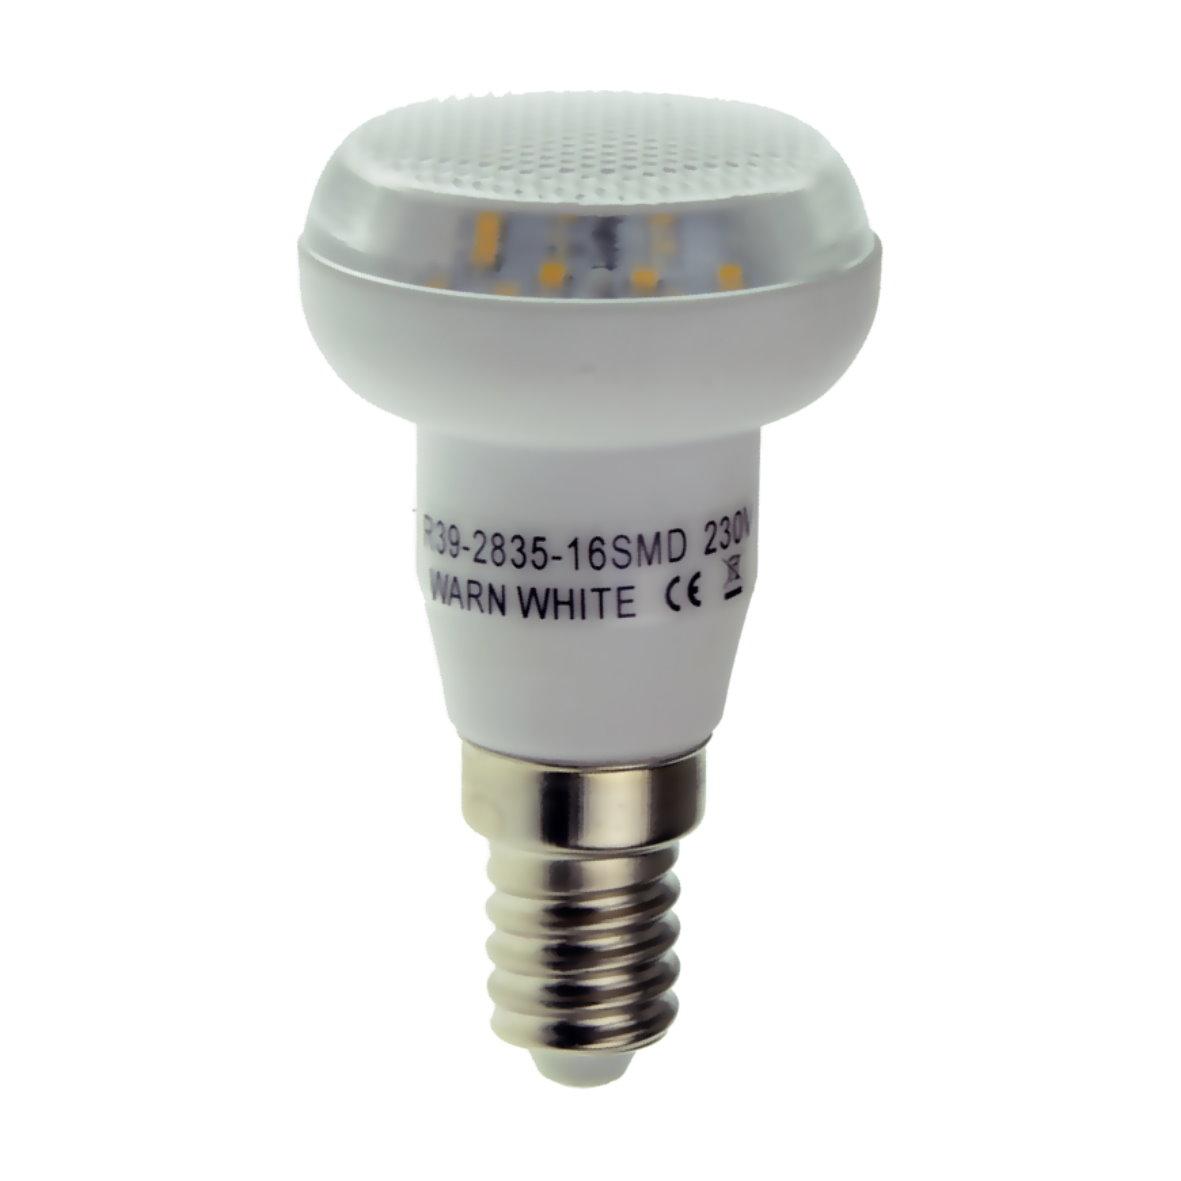 led birne leuchtmittel r serie reflektor lampe licht strahler spot 230v smd cob. Black Bedroom Furniture Sets. Home Design Ideas